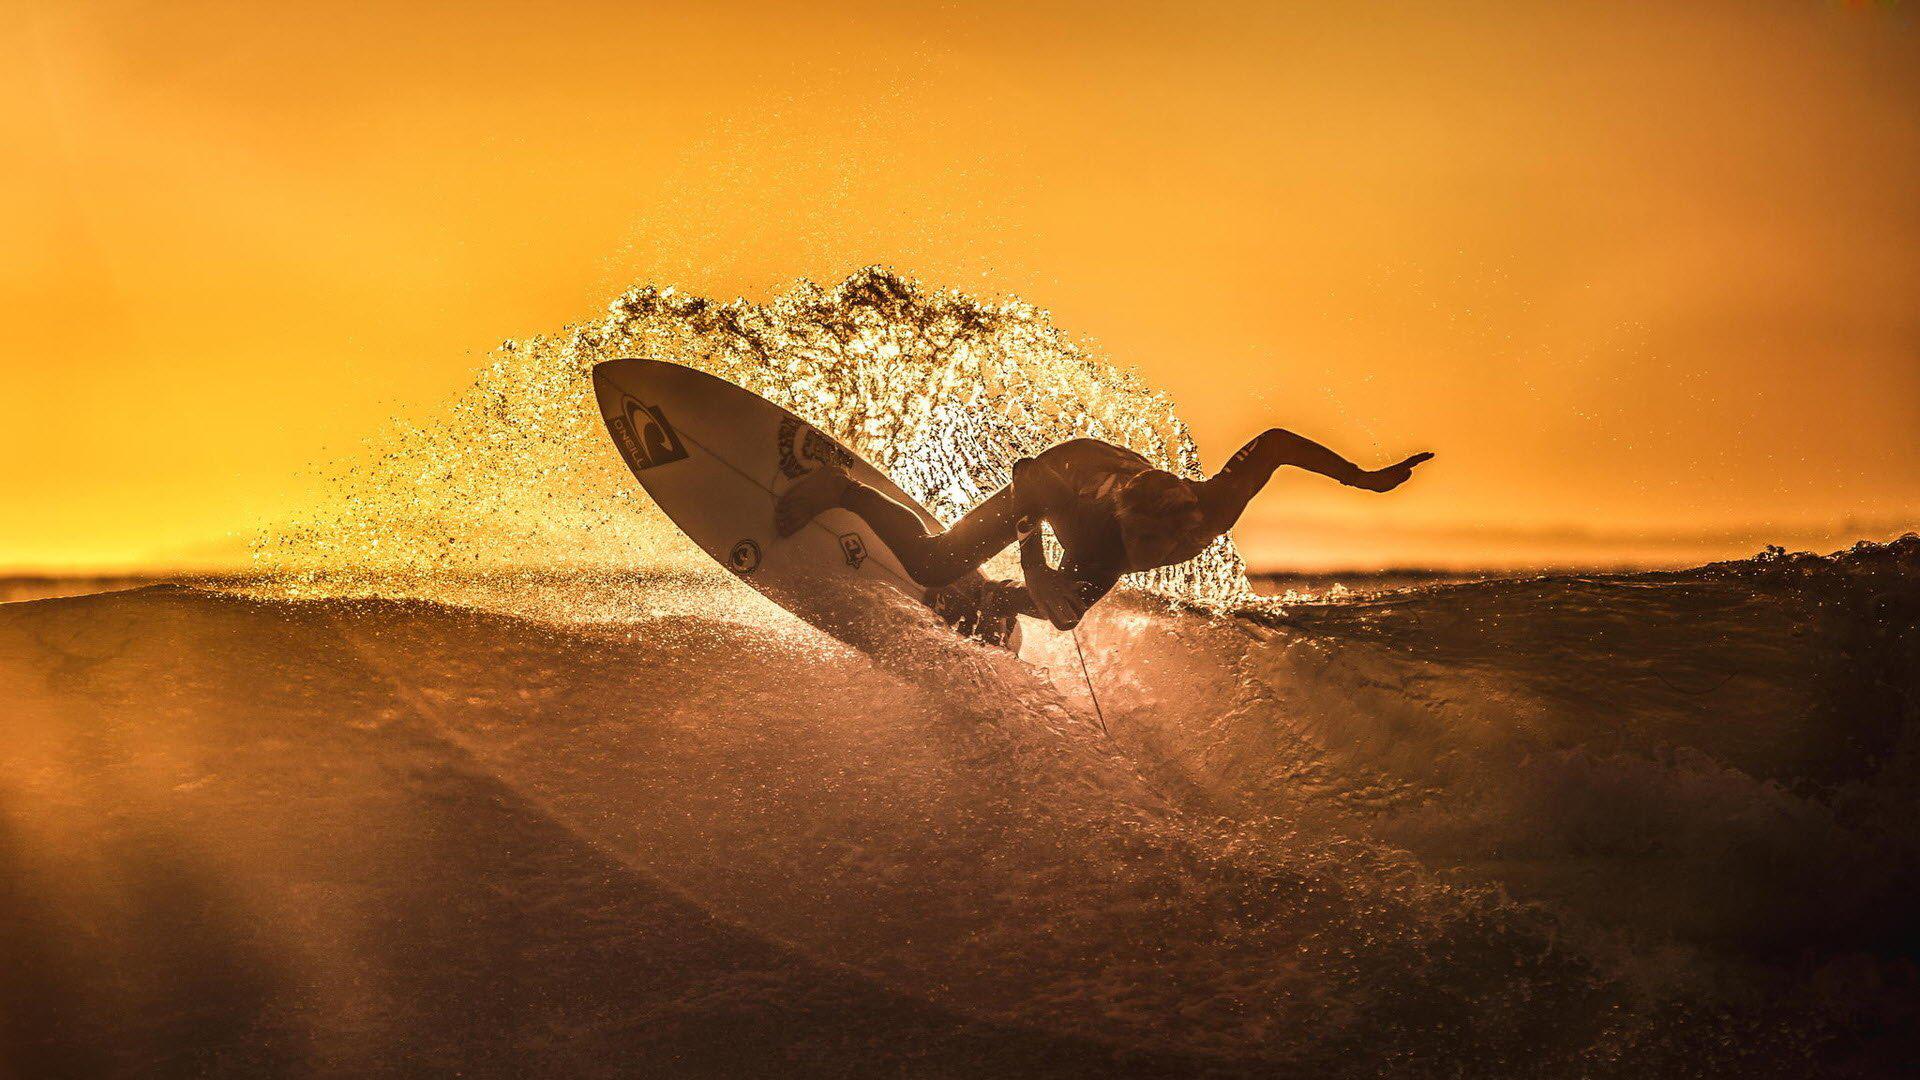 Free Desktop Wallpaper Fall Season Free Hd Surfing Wallpapers Pixelstalk Net